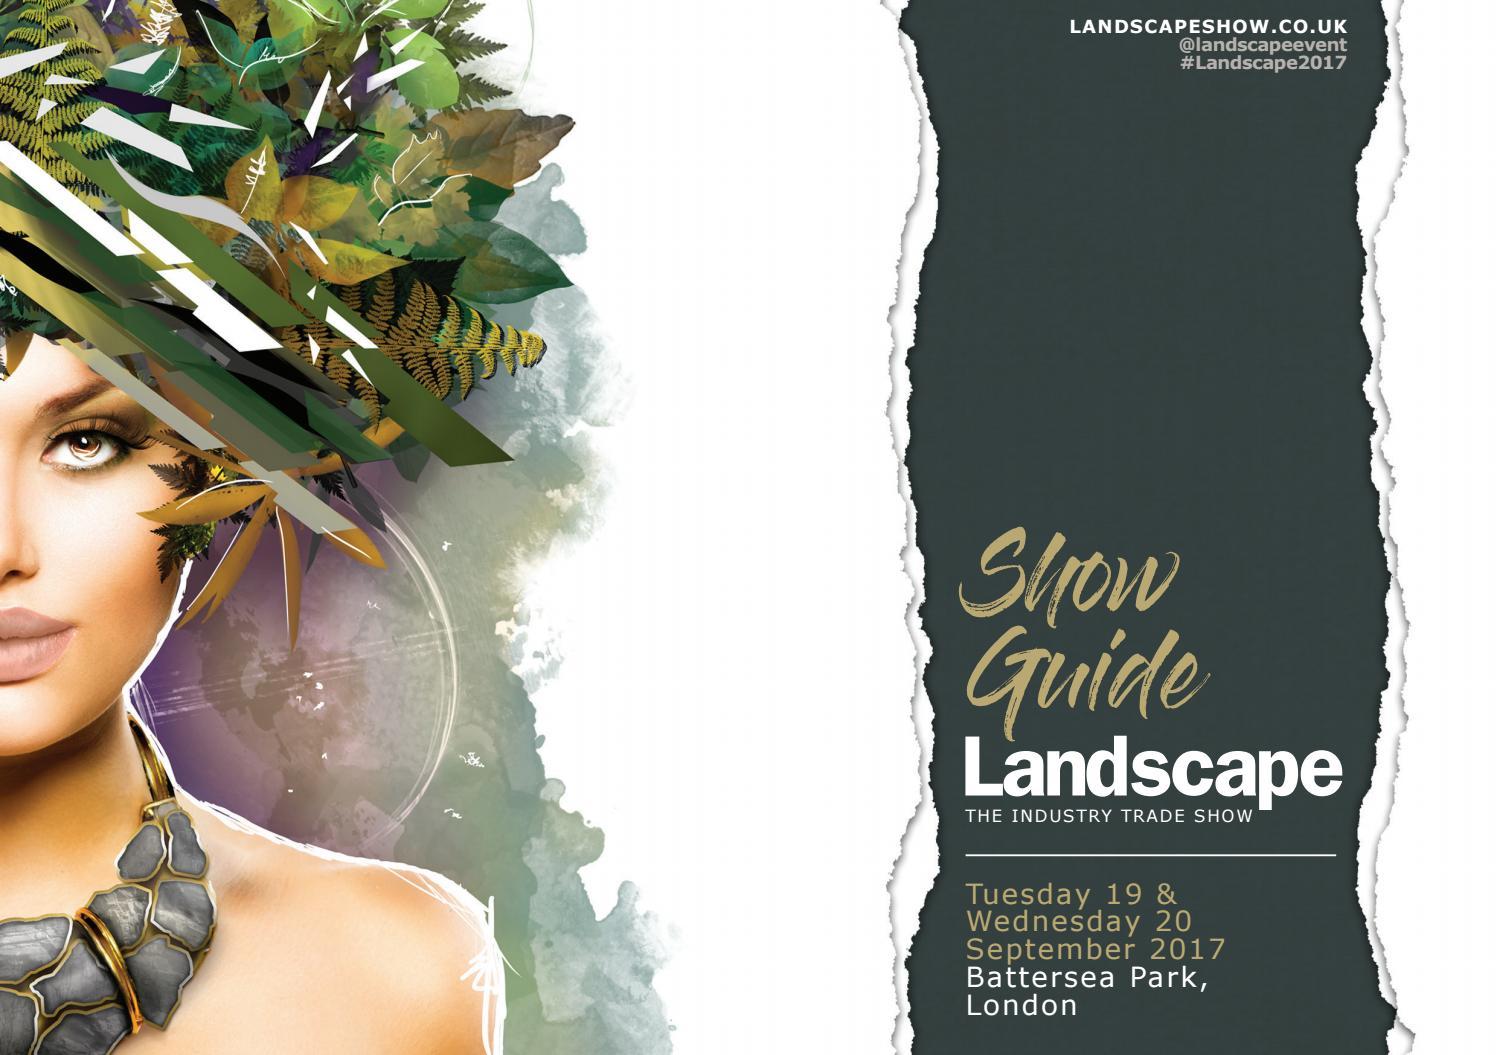 Poterie Goicoechea Pas Cher landscape show guide 2017landscape show - issuu